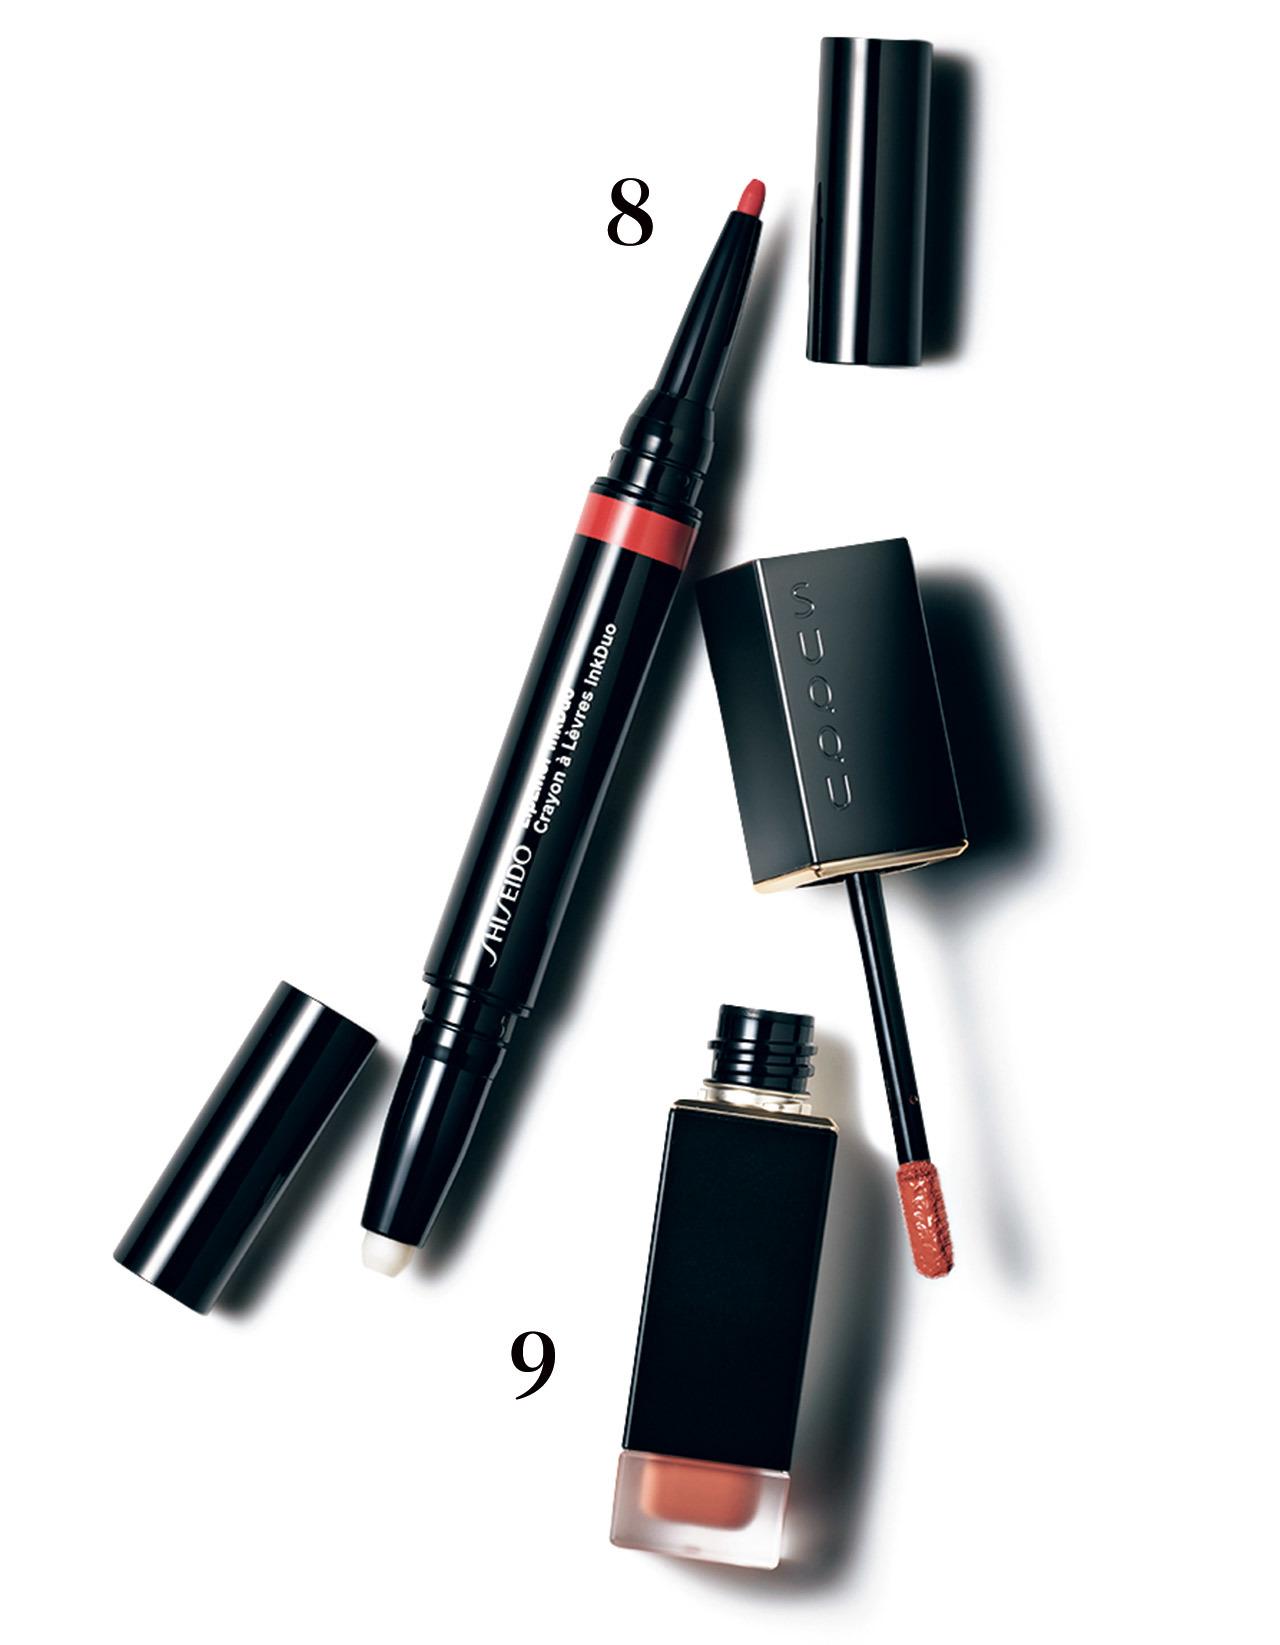 ❽端正な輪郭に仕立てるペンシル。下地を活用すればにじみもなし。SHISEIDO リップライナーインクデュオ 04¥2,600/資生堂インターナショナル ❾唇にフィルターをかけたようなソフトマット質感でソフィスティケート。コンフォート リップ フルイド フォグ 06¥5,000(9/4発売)/SUQQU